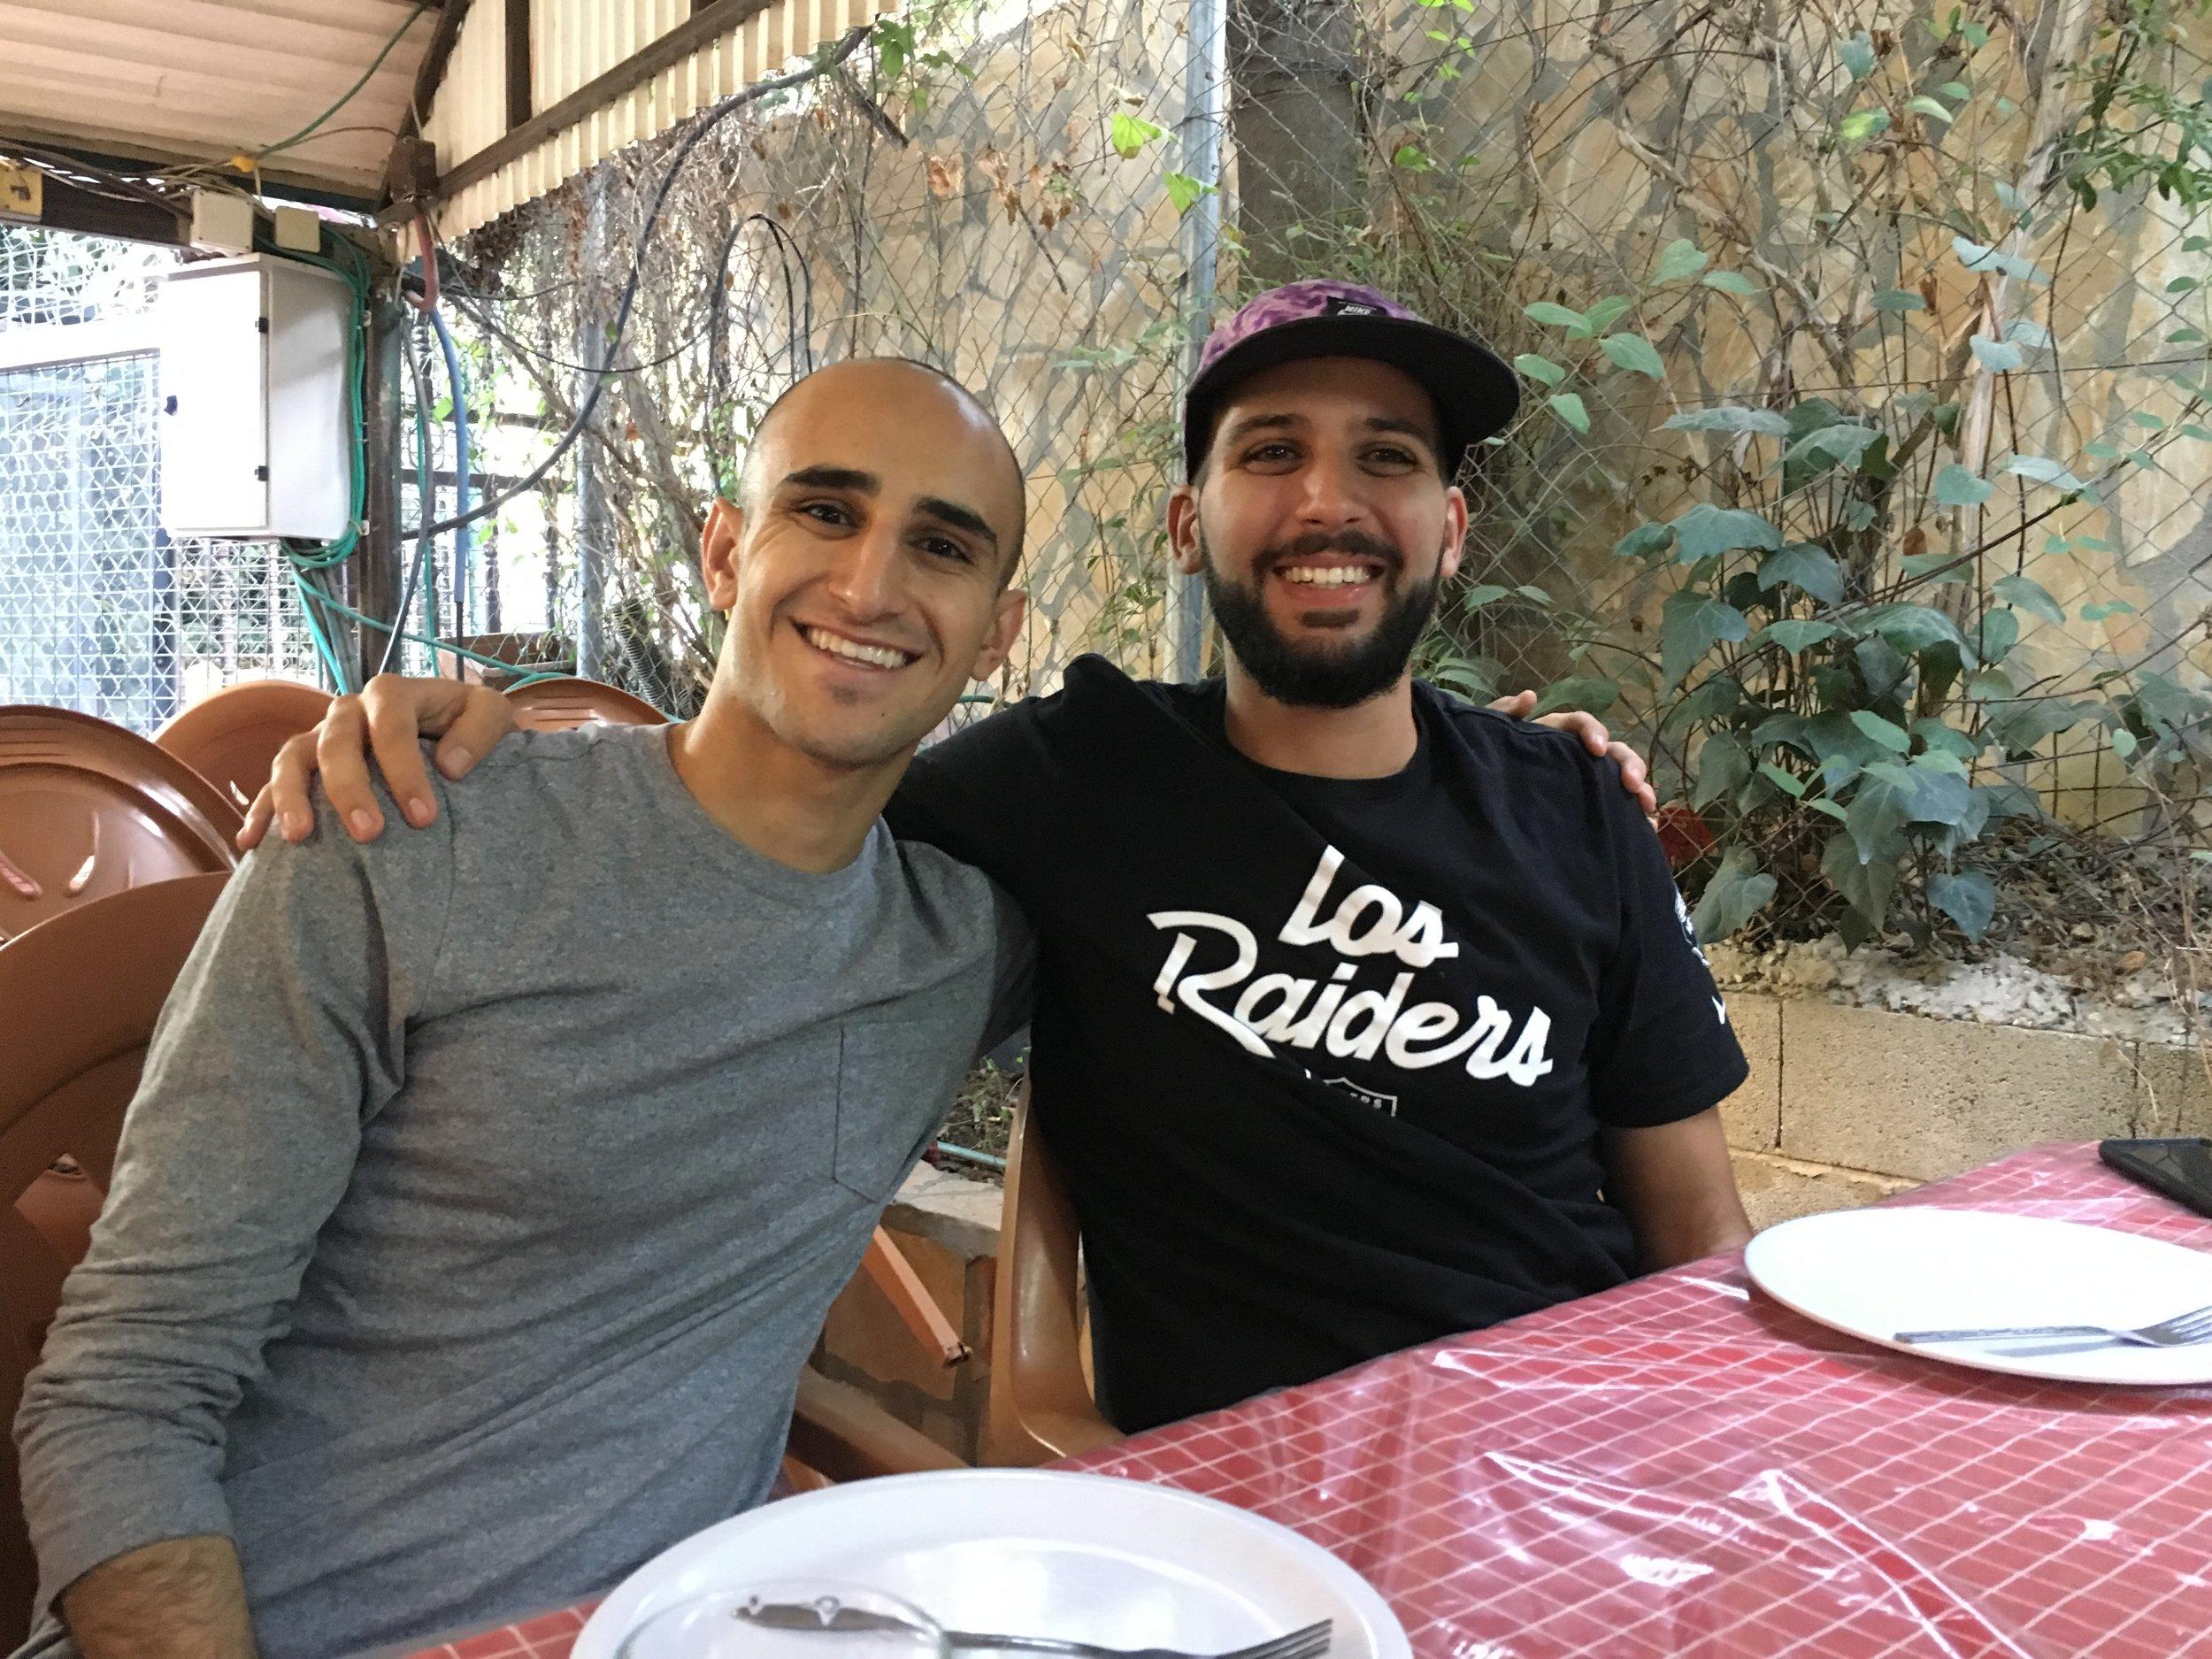 RJ and Ashraf, July 2017